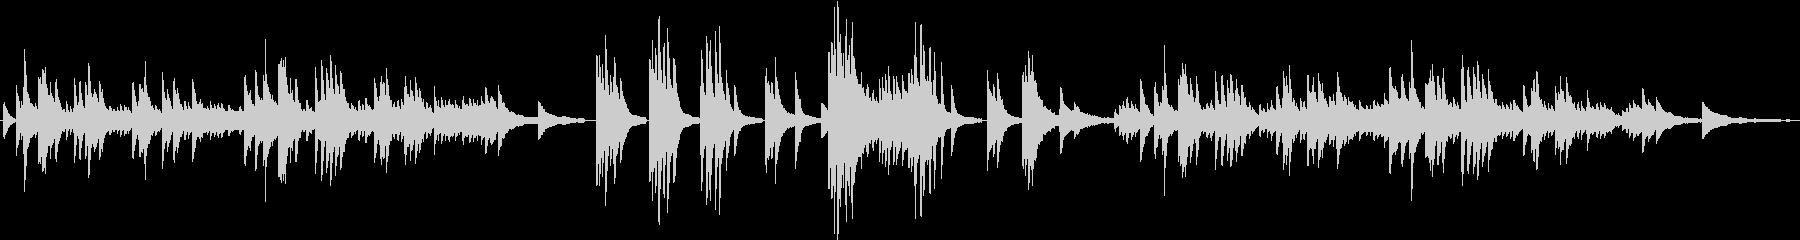 切ない雰囲気の静かなピアノソロの未再生の波形